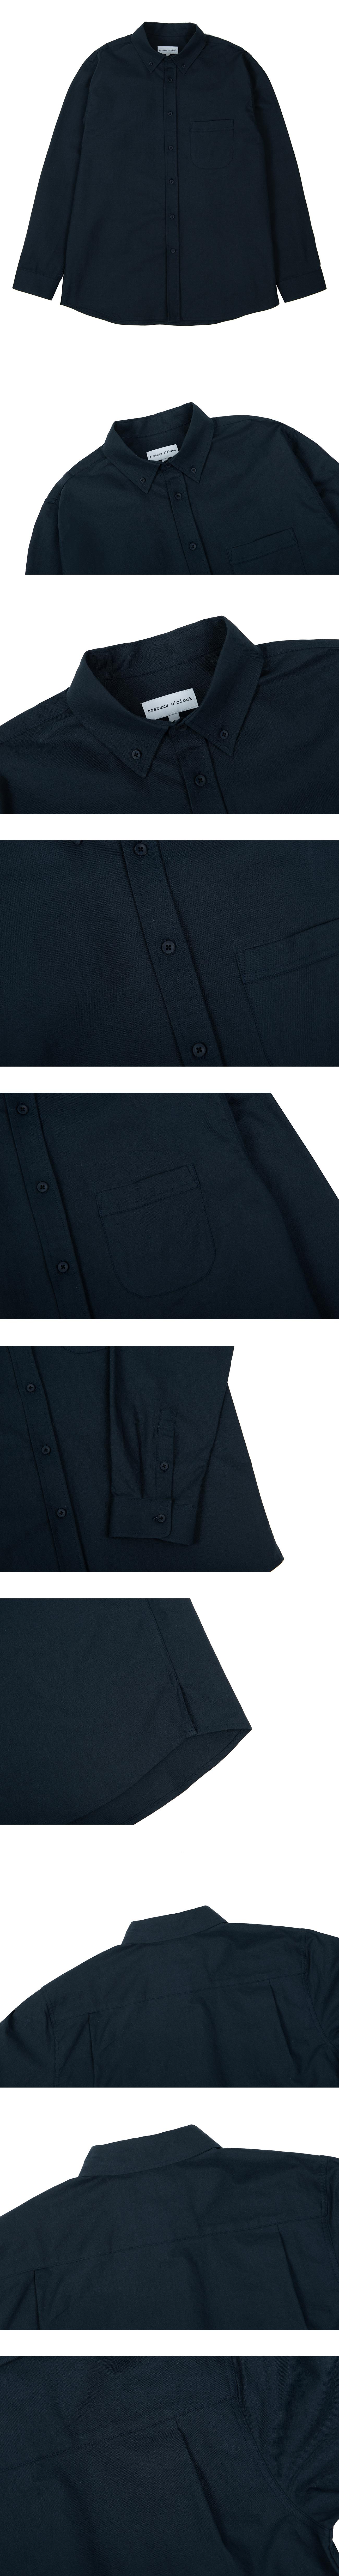 커스텀어클락(COSTUME O'CLOCK) 옥스포드 베이직 셔츠 네이비